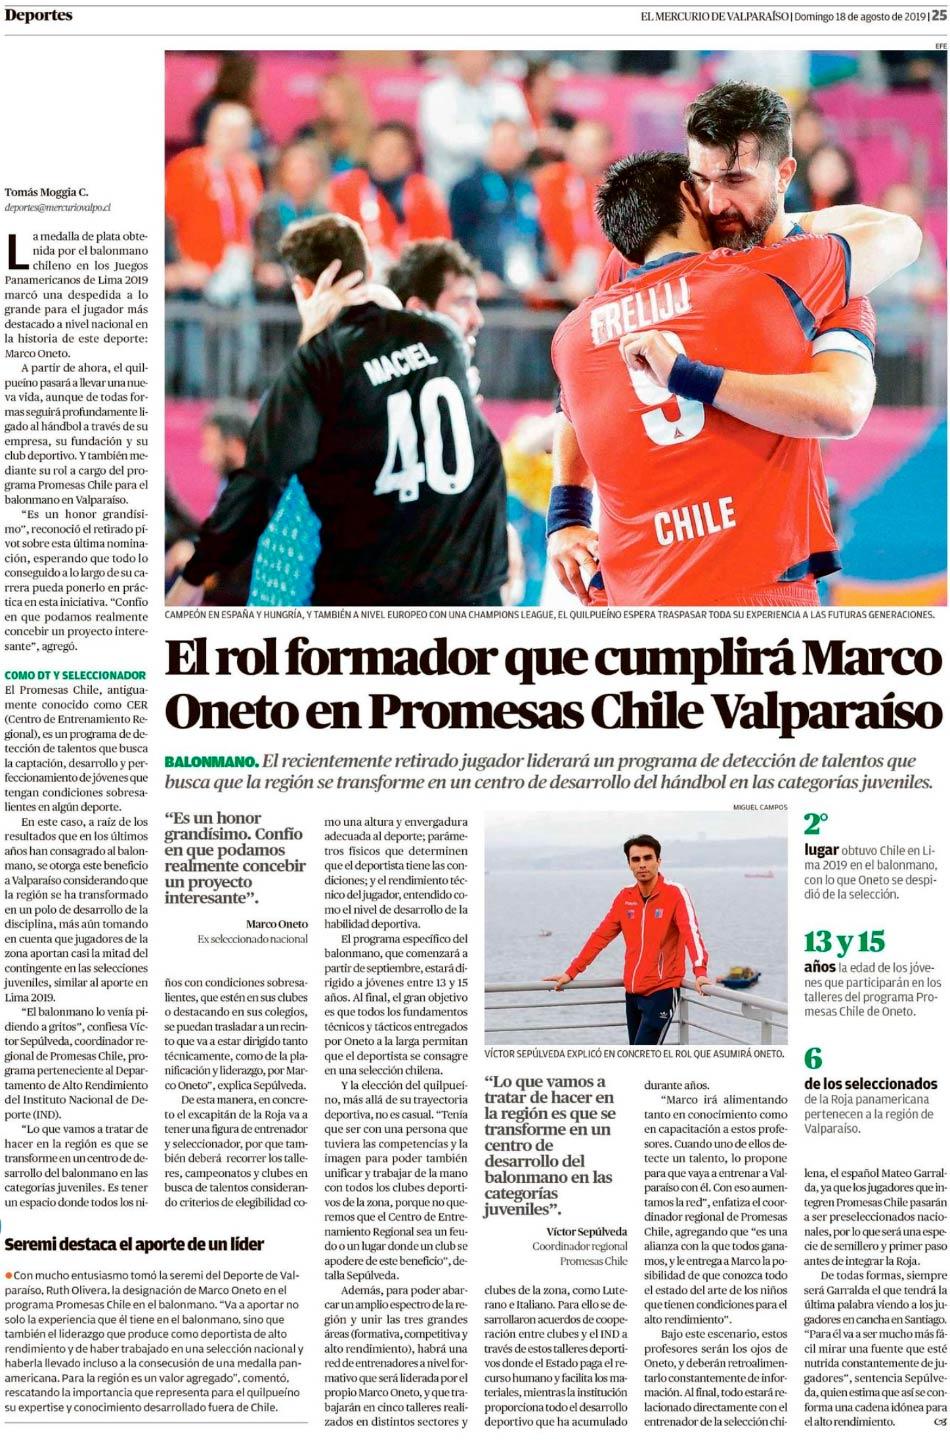 El rol formador que cumplirá Marco Oneto en Promesas Chile Valparaíso